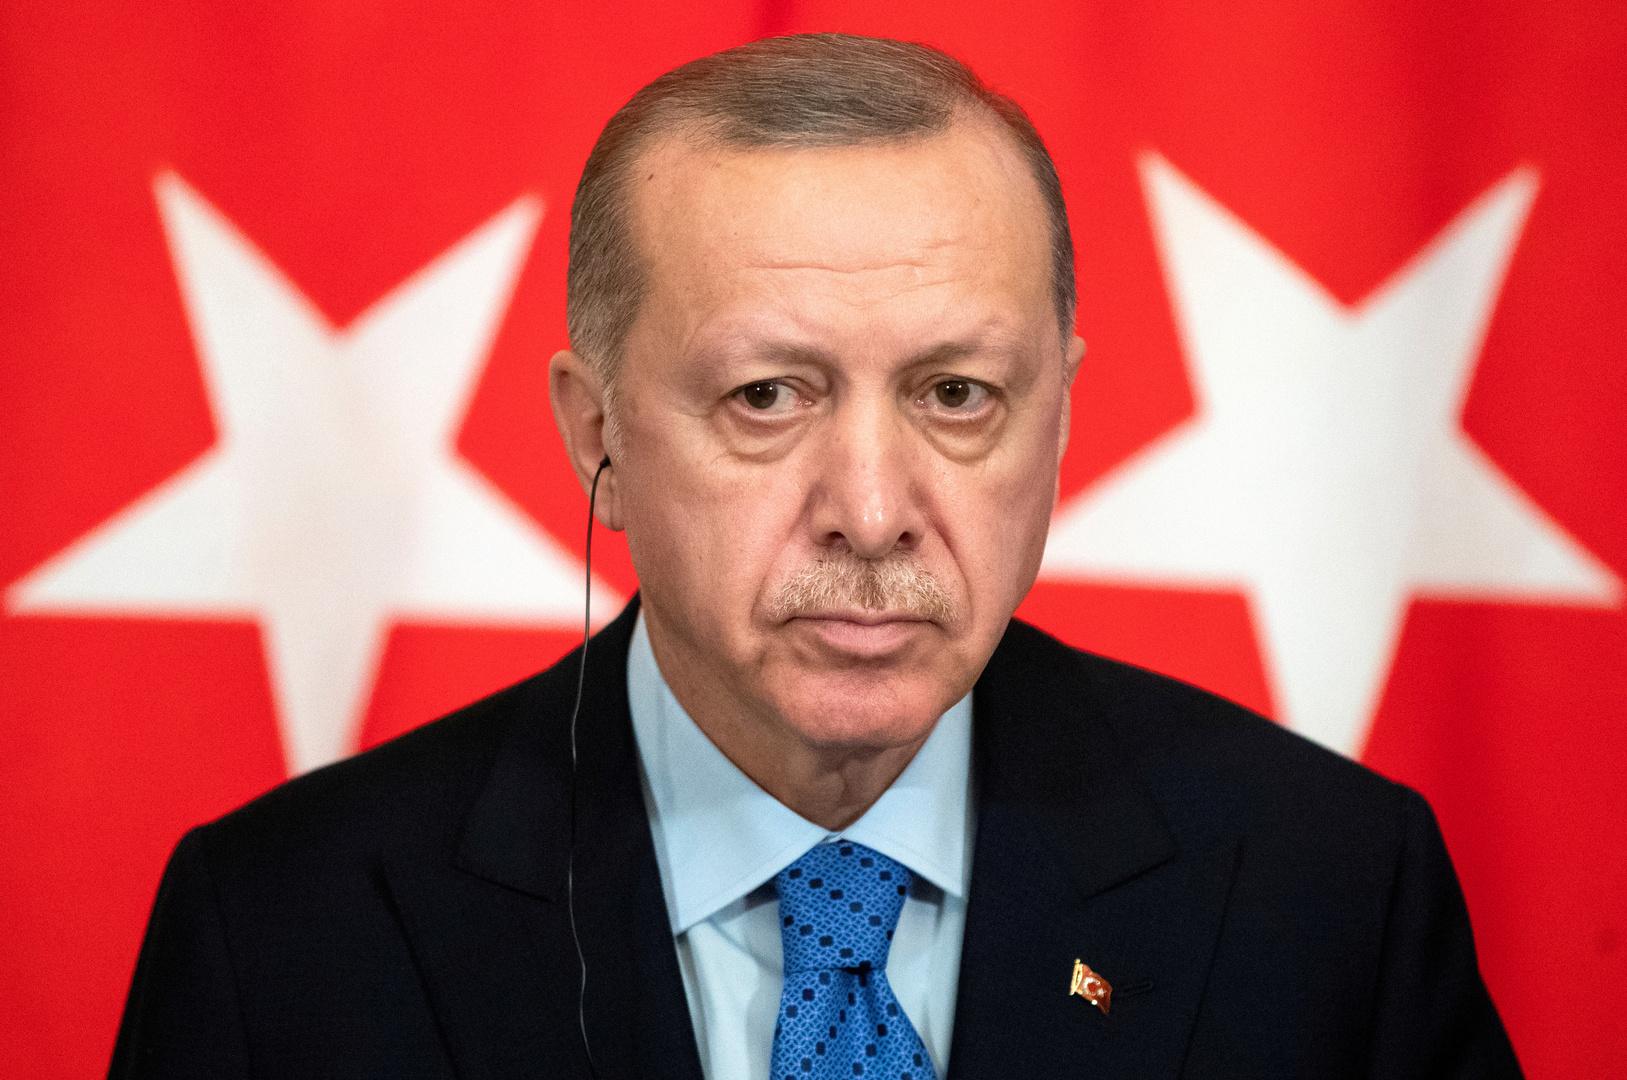 أردوغان يعقد اجتماعا مغلقا مع رئيسة وزراء صربيا على هامش منتدى أنطاليا